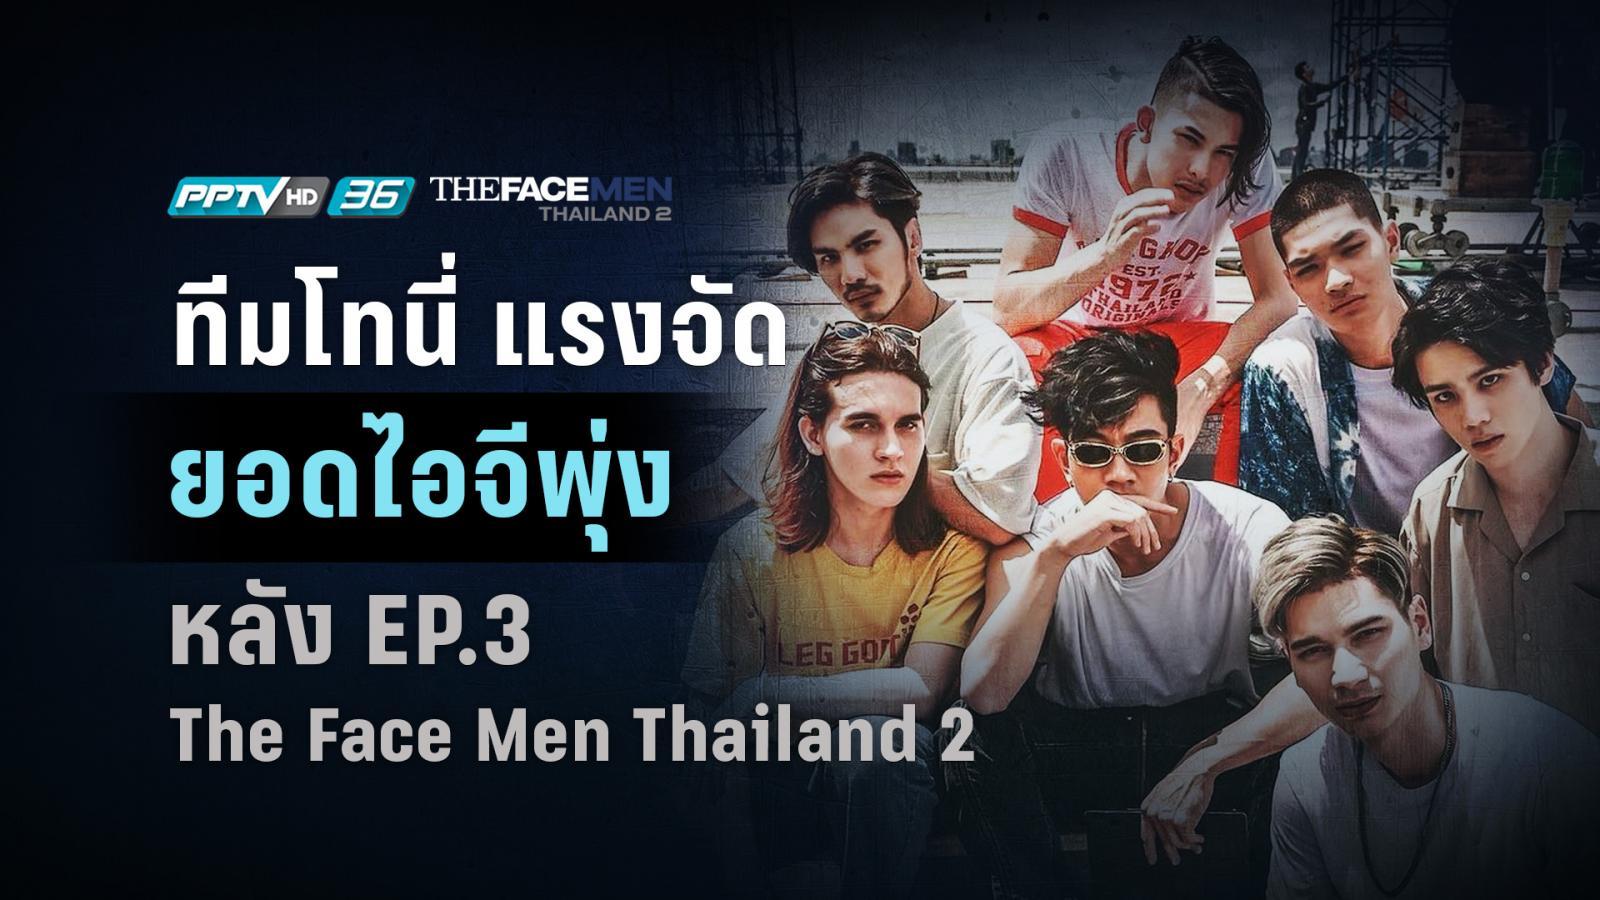 """""""โทนี่ รากแก่น"""" แรงจัด ส่งลูกทีม ยอดไอจีพุ่ง หลัง EP.3 The Face Men Thailand 2"""